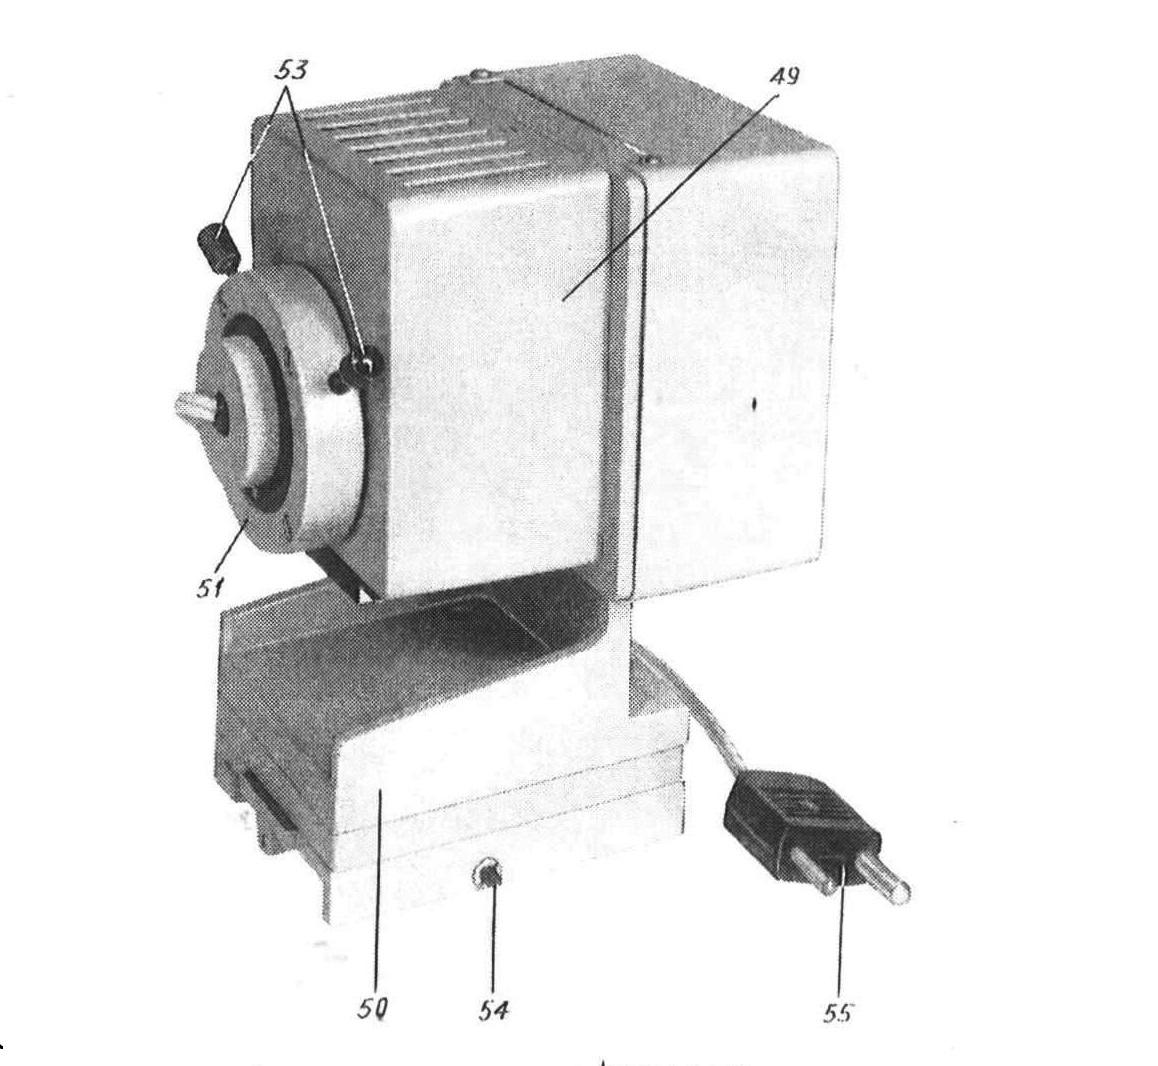 микроскоп биолам и рис. 4